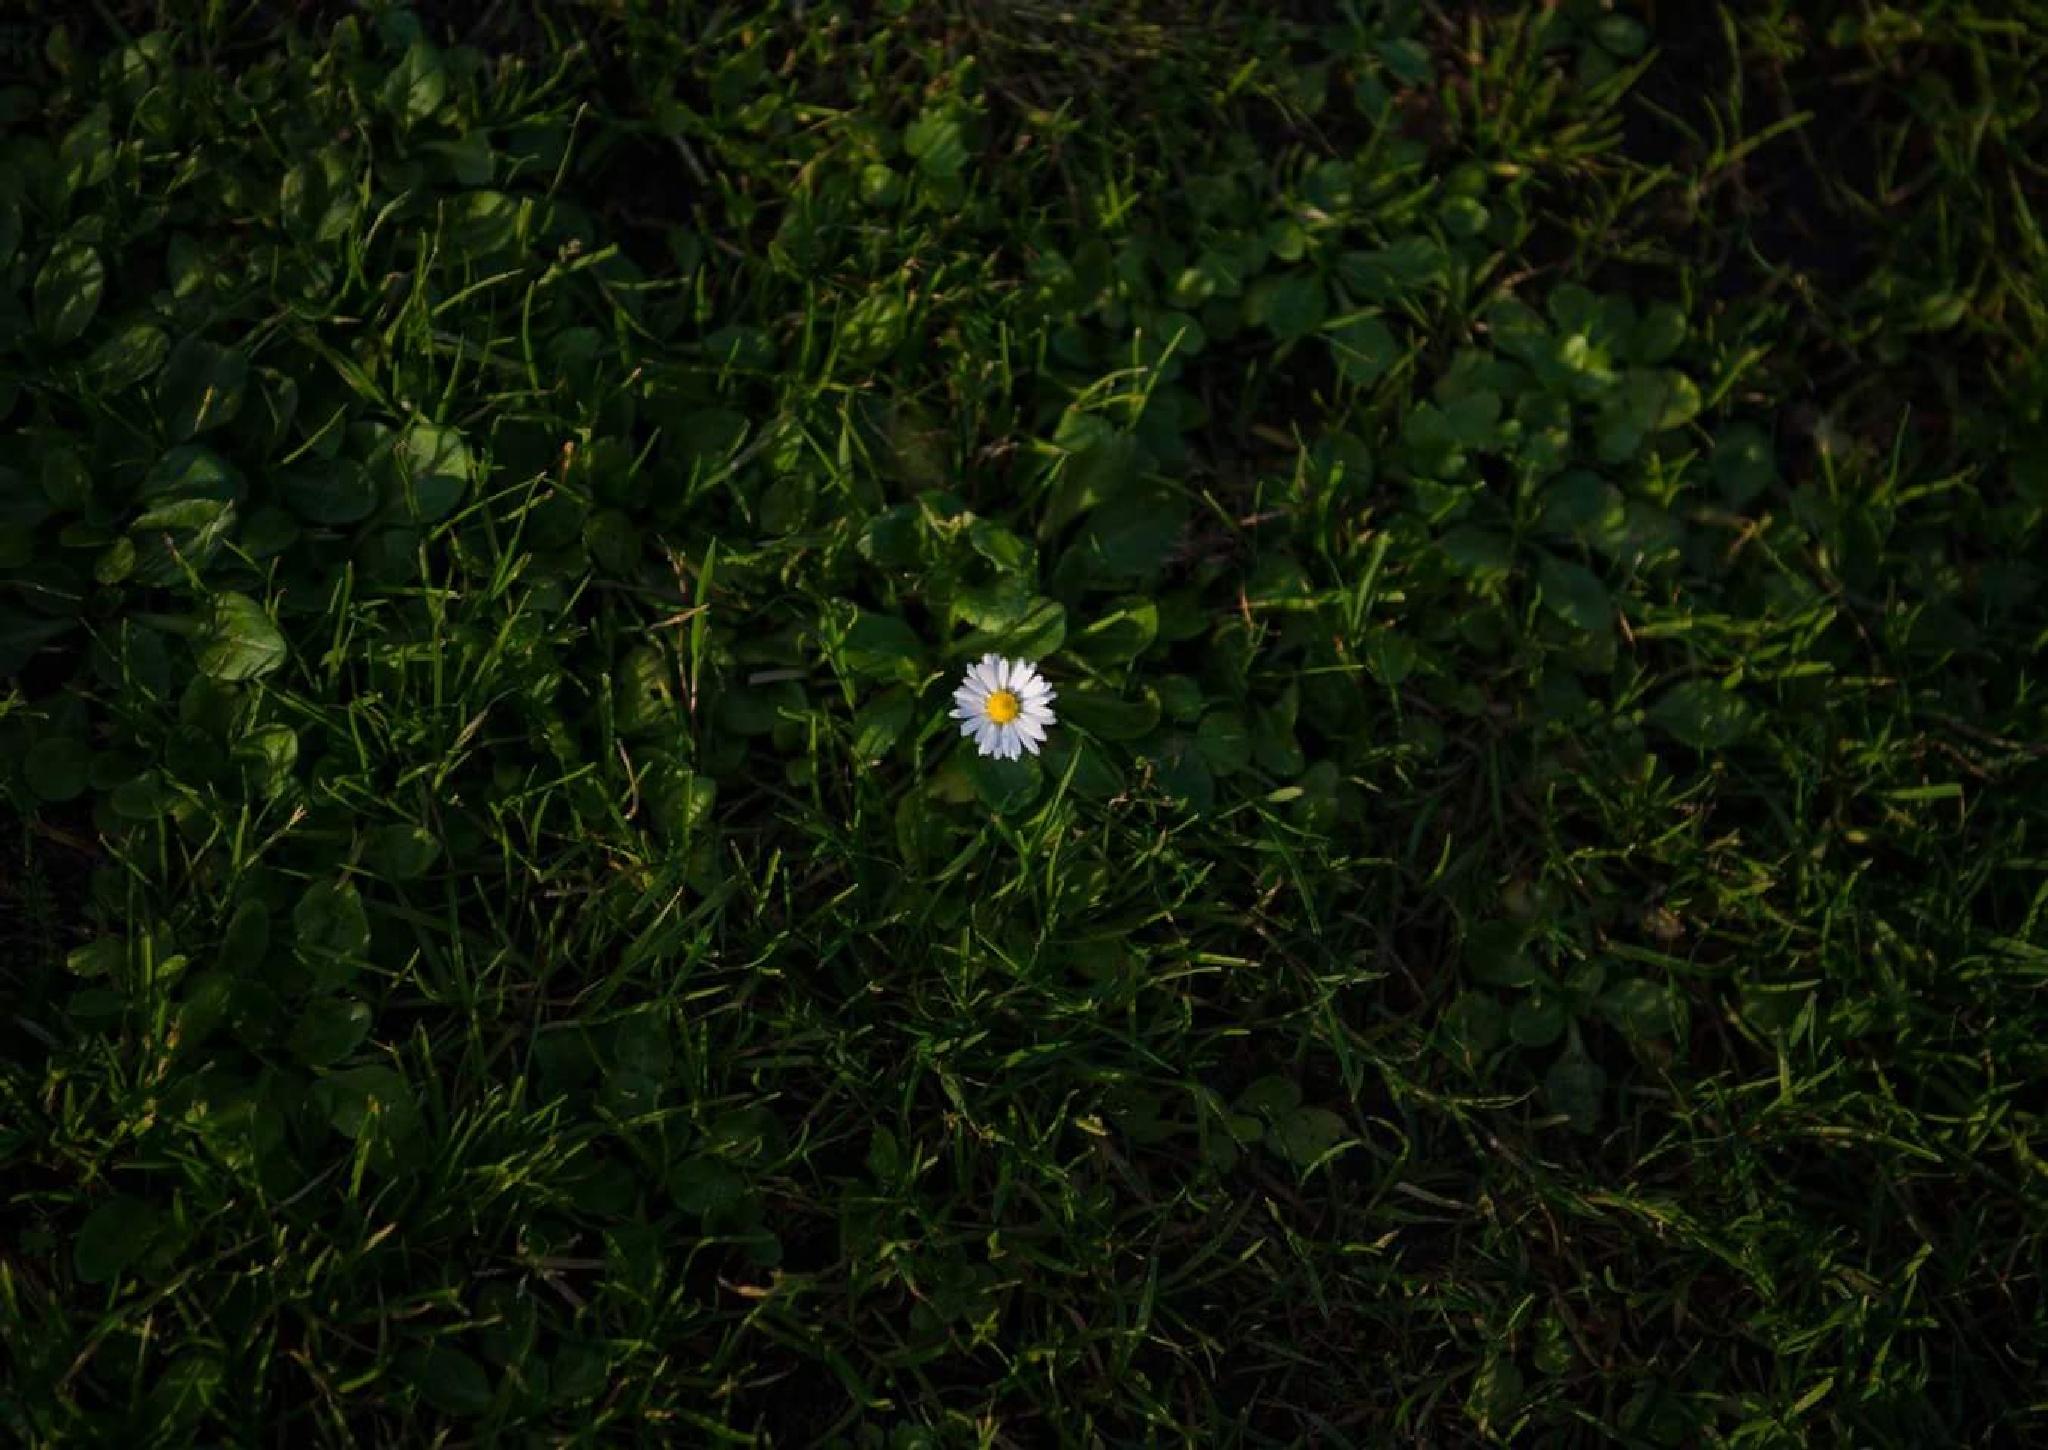 Flower by Long Xu